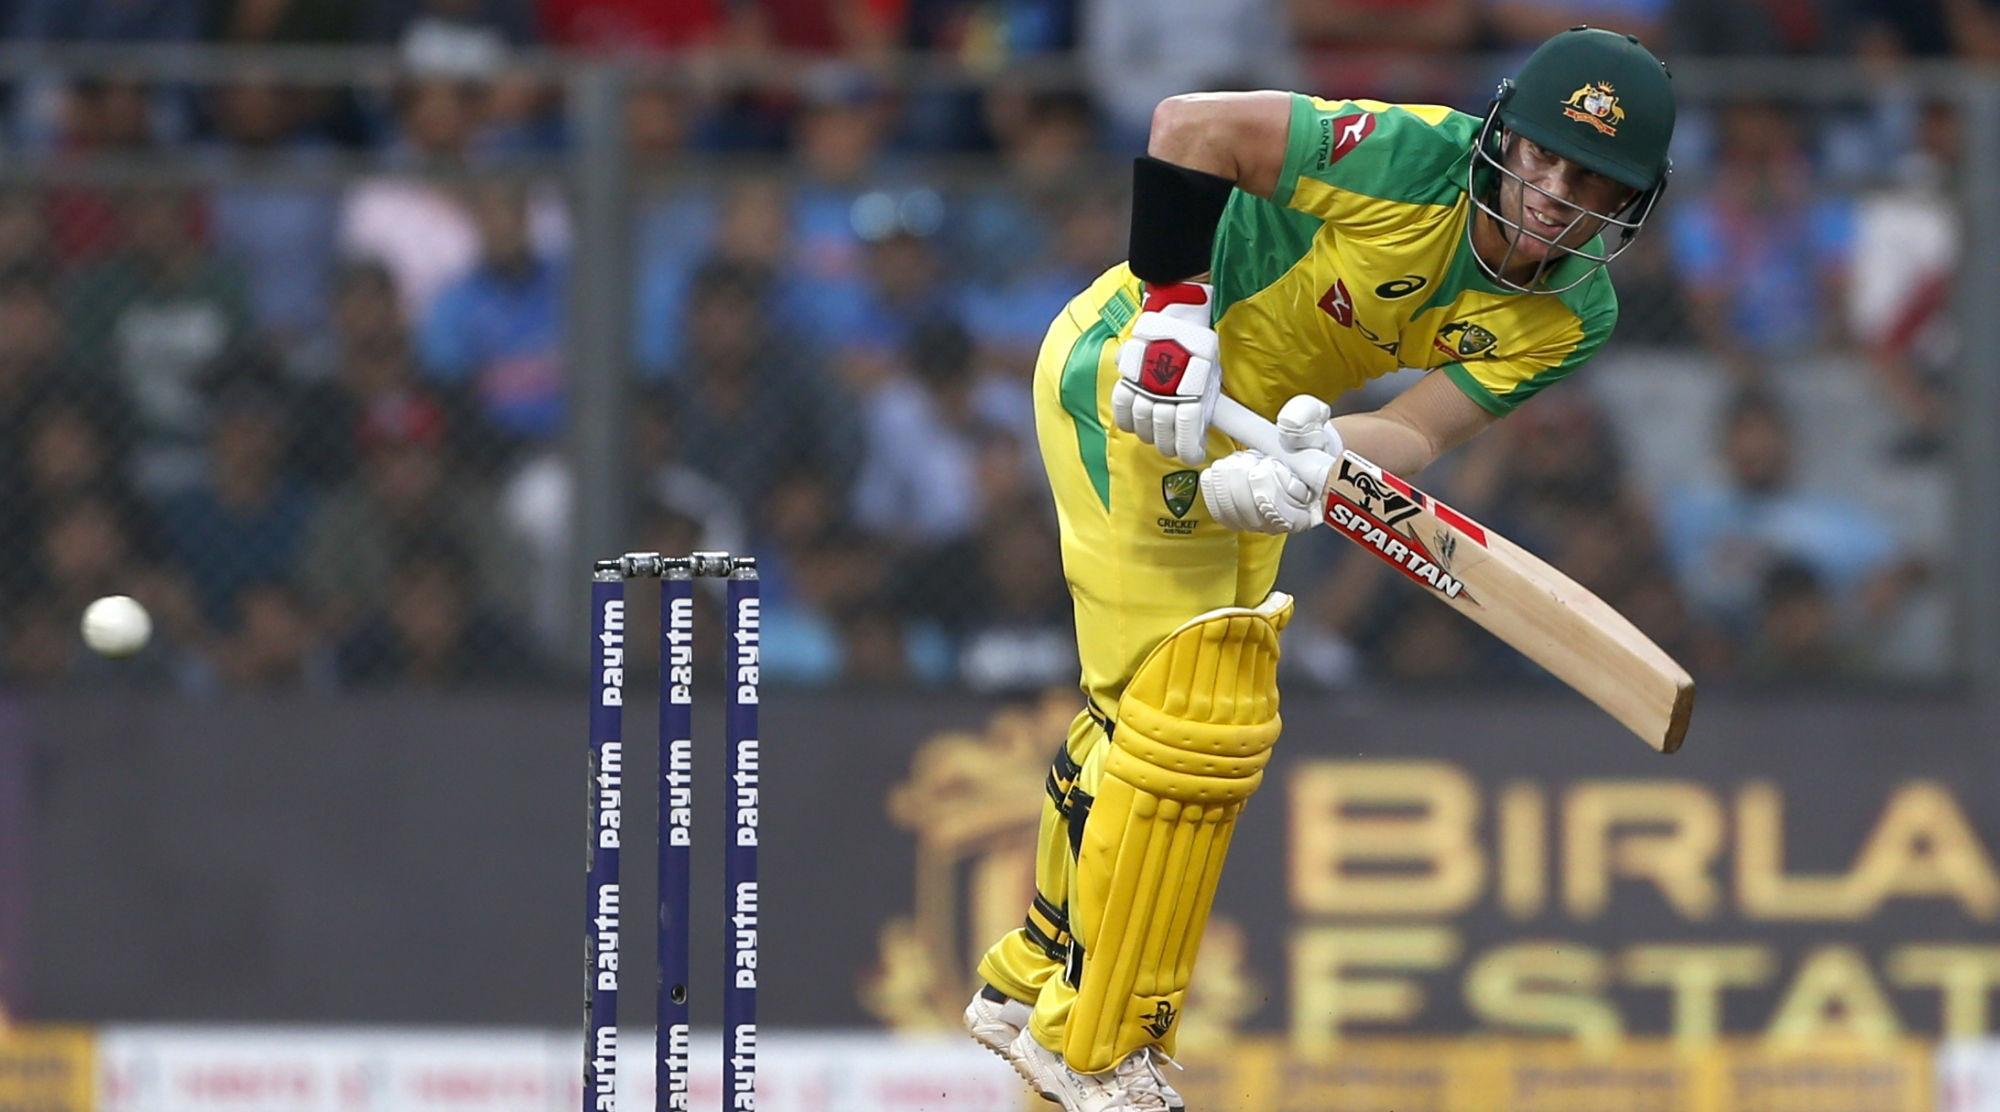 India vs Australia, 1st ODI 2020: David Warner Becomes Fastest Australian to Amass 5000 ODI Runs